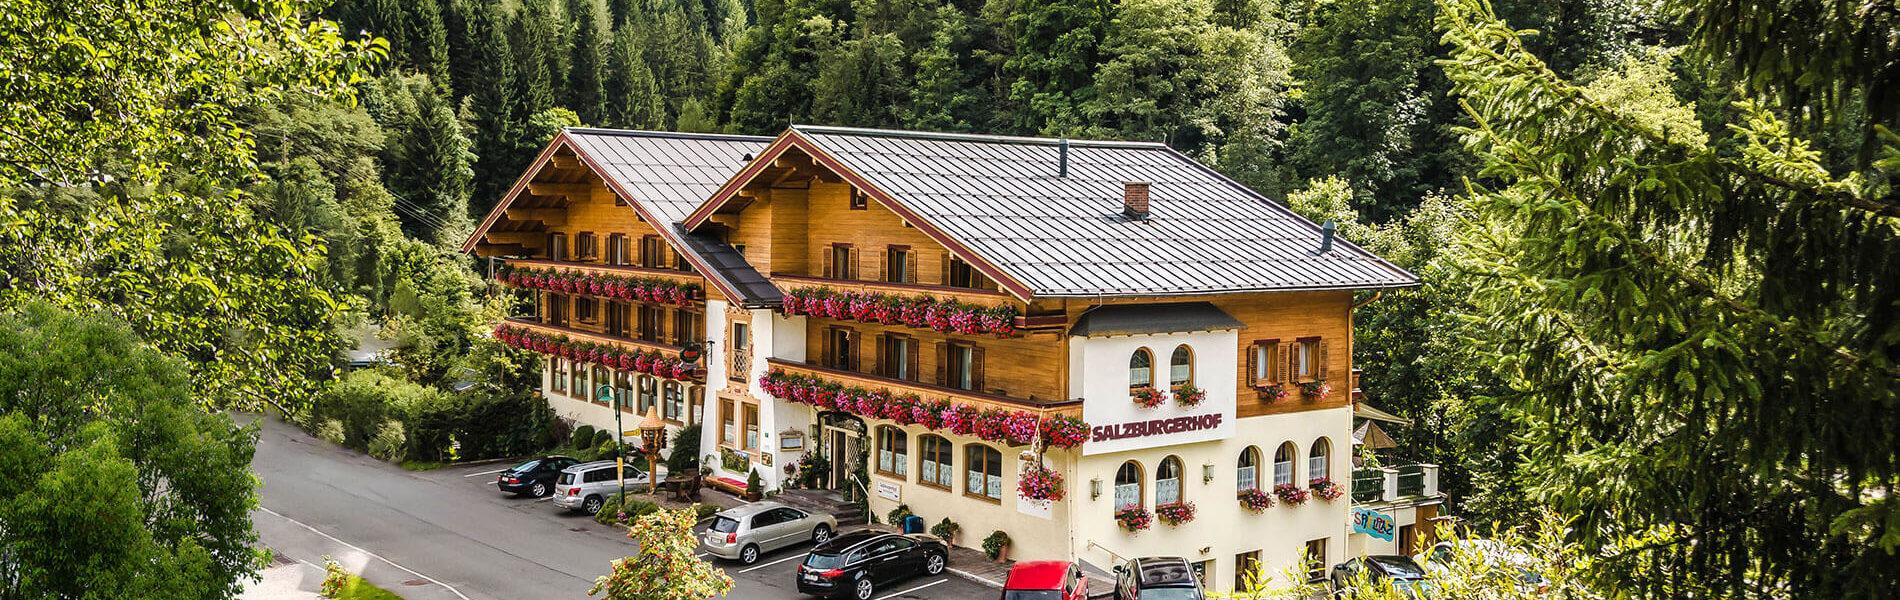 Lage & Anreise - Hotel in Dienten am Hochkönig - Salzburger Hof